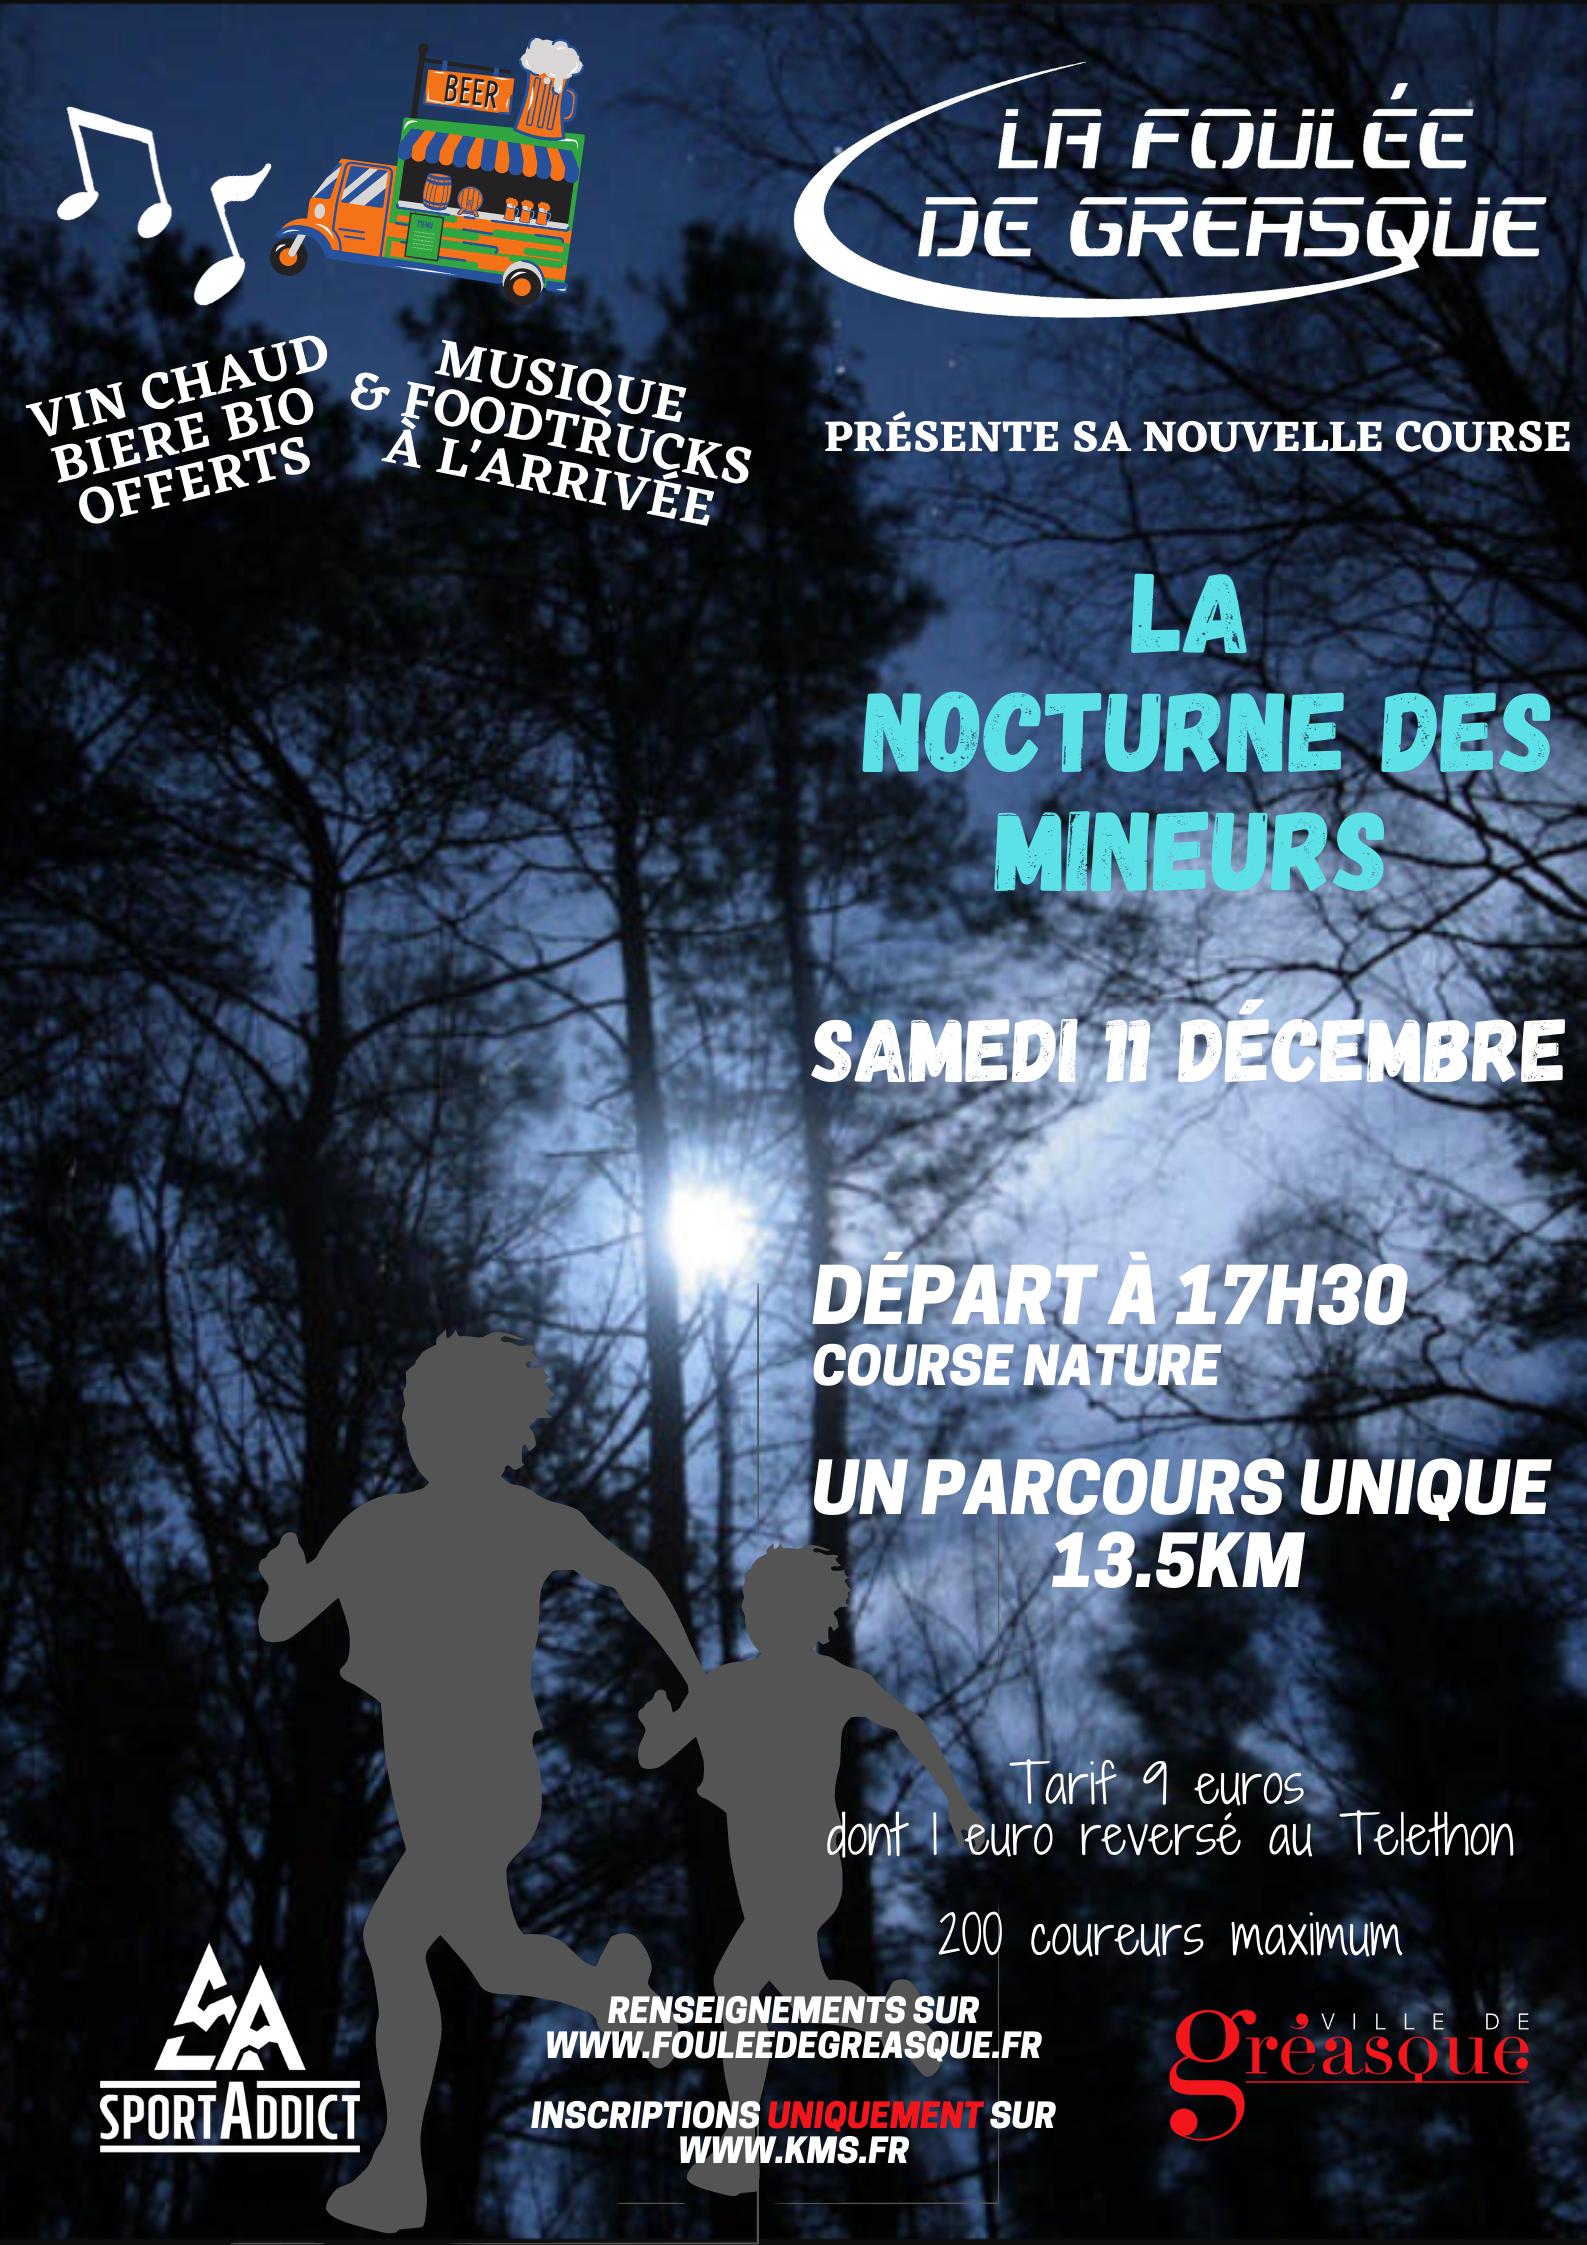 LA NOCTURNE DES MINEURS